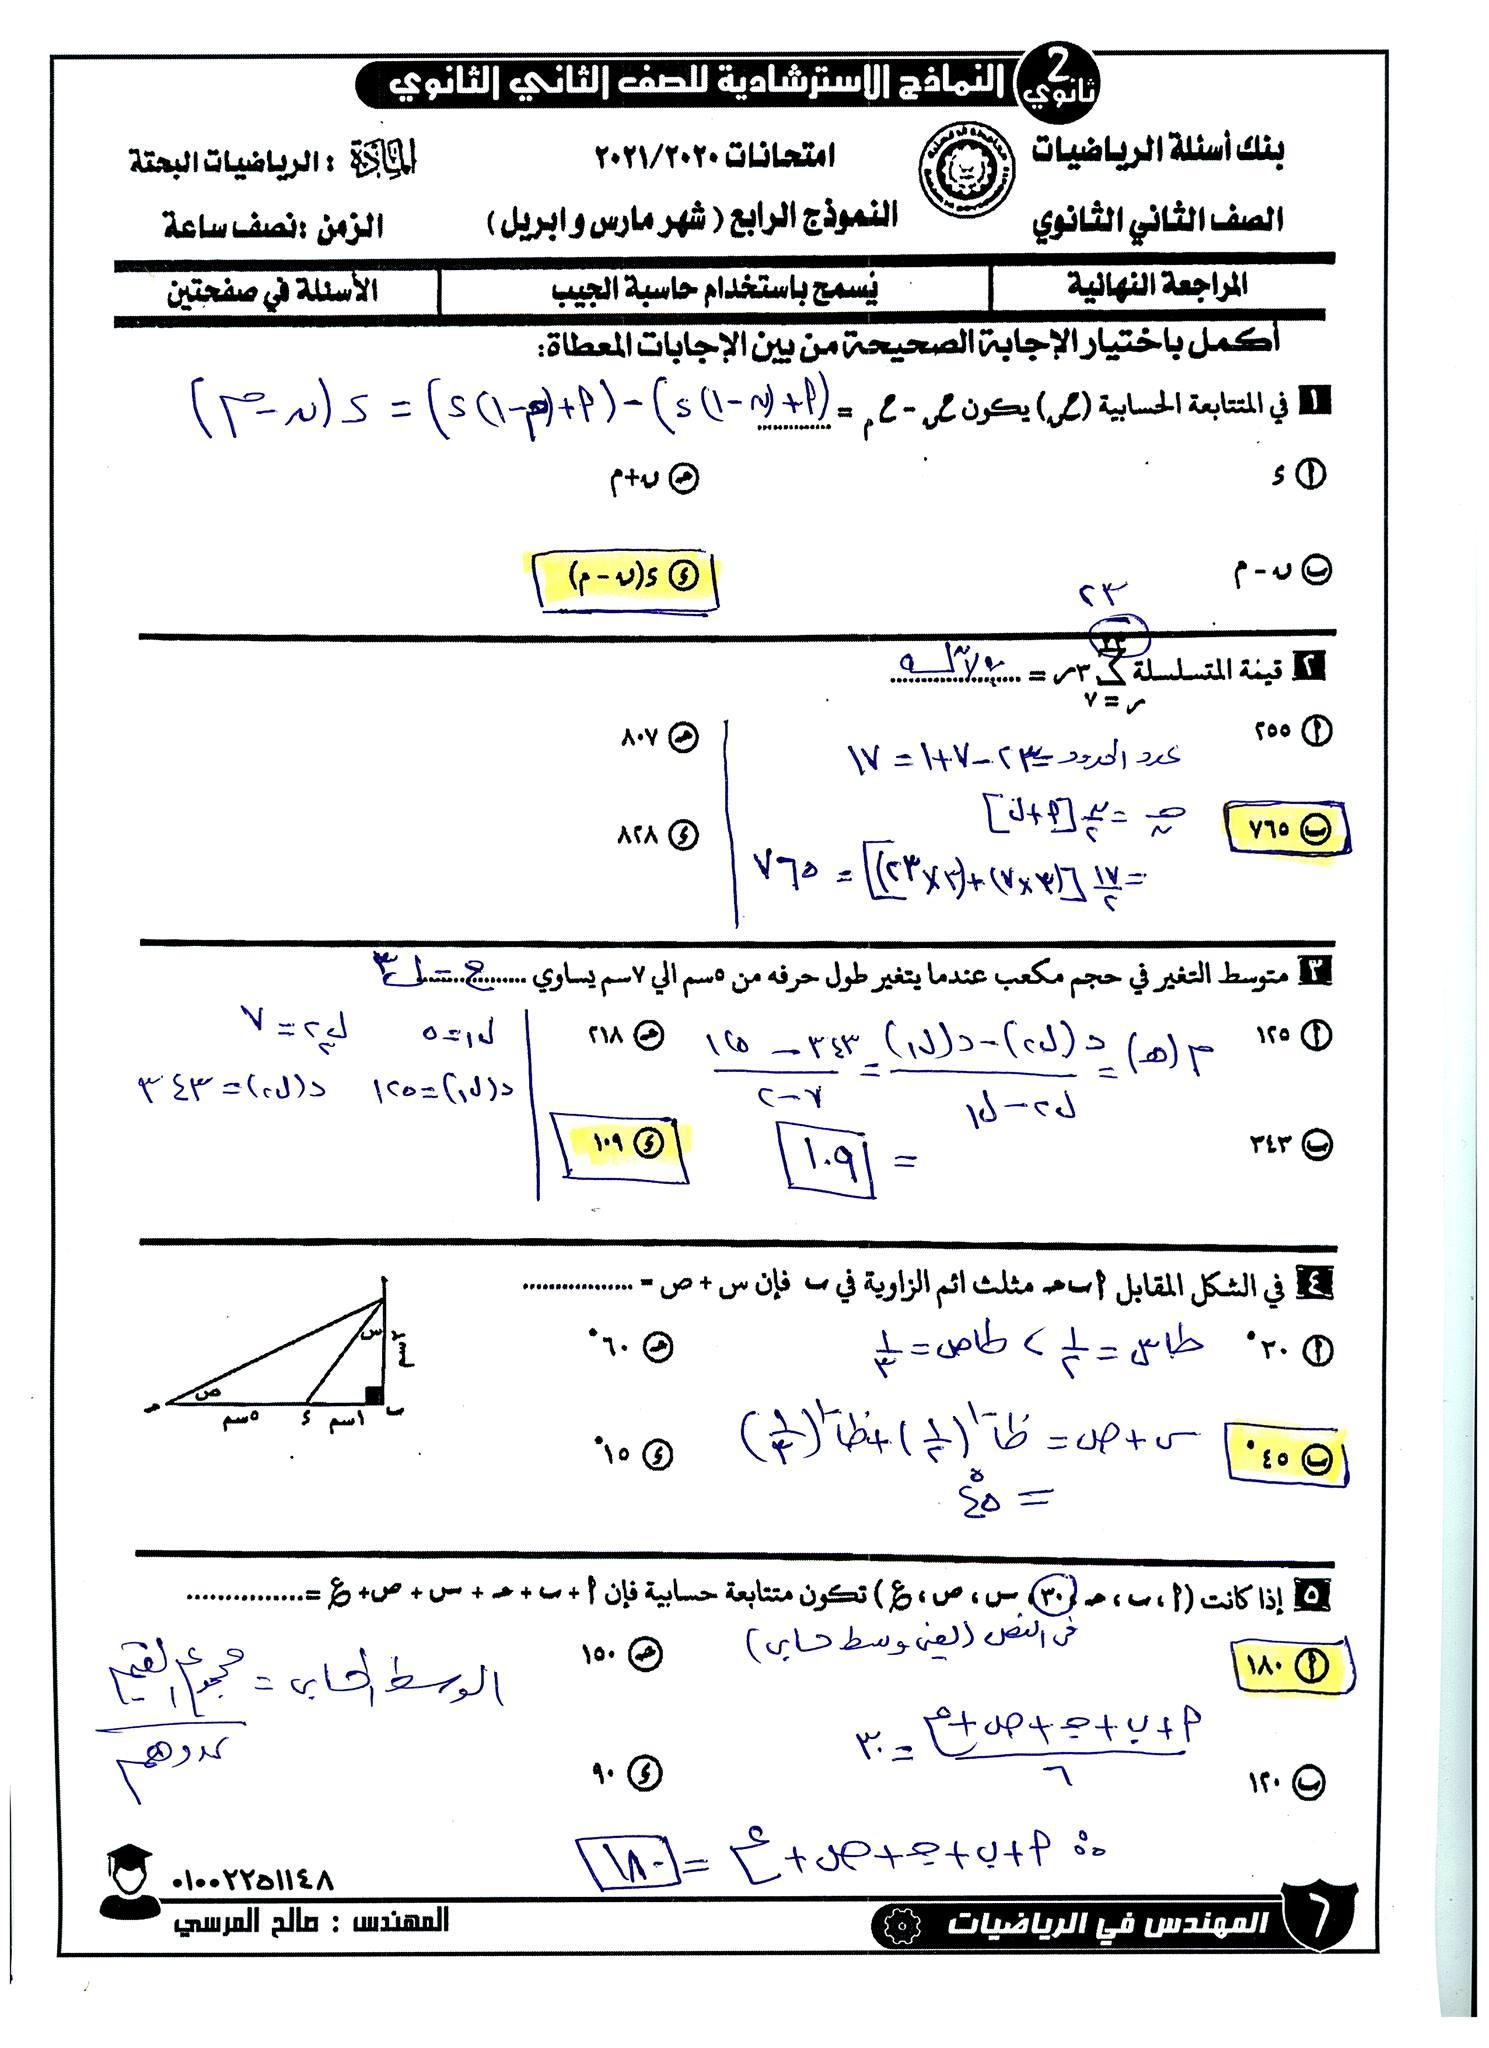 مراجعة ليلة امتحان الرياضيات البحتة للصف الثاني الثانوي بالاجابات 7